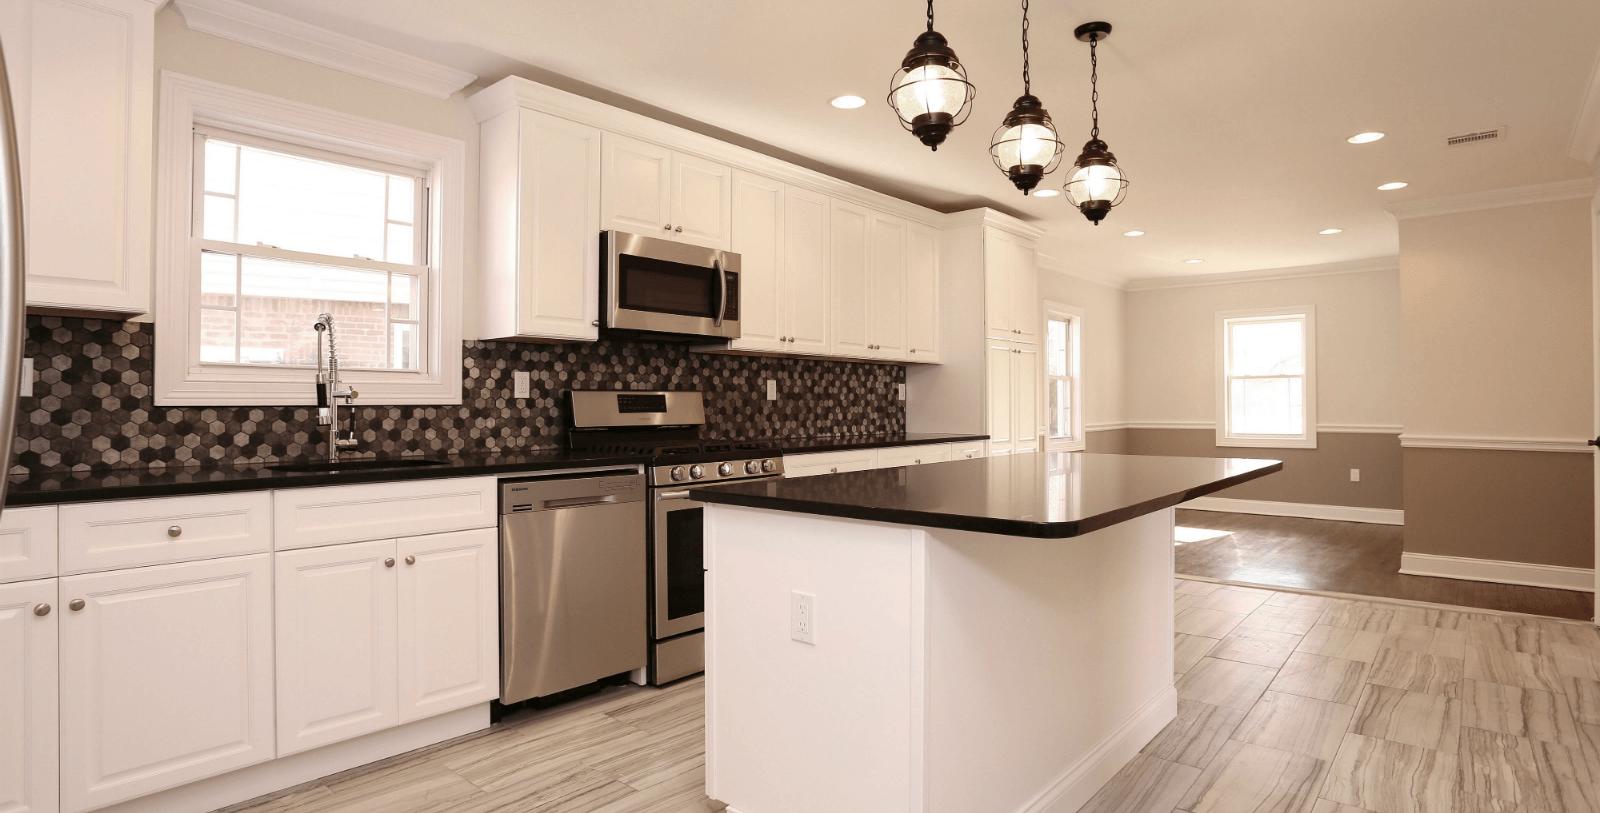 Elegant Kitchen | The Mischel Group | Homes Near Manhattan